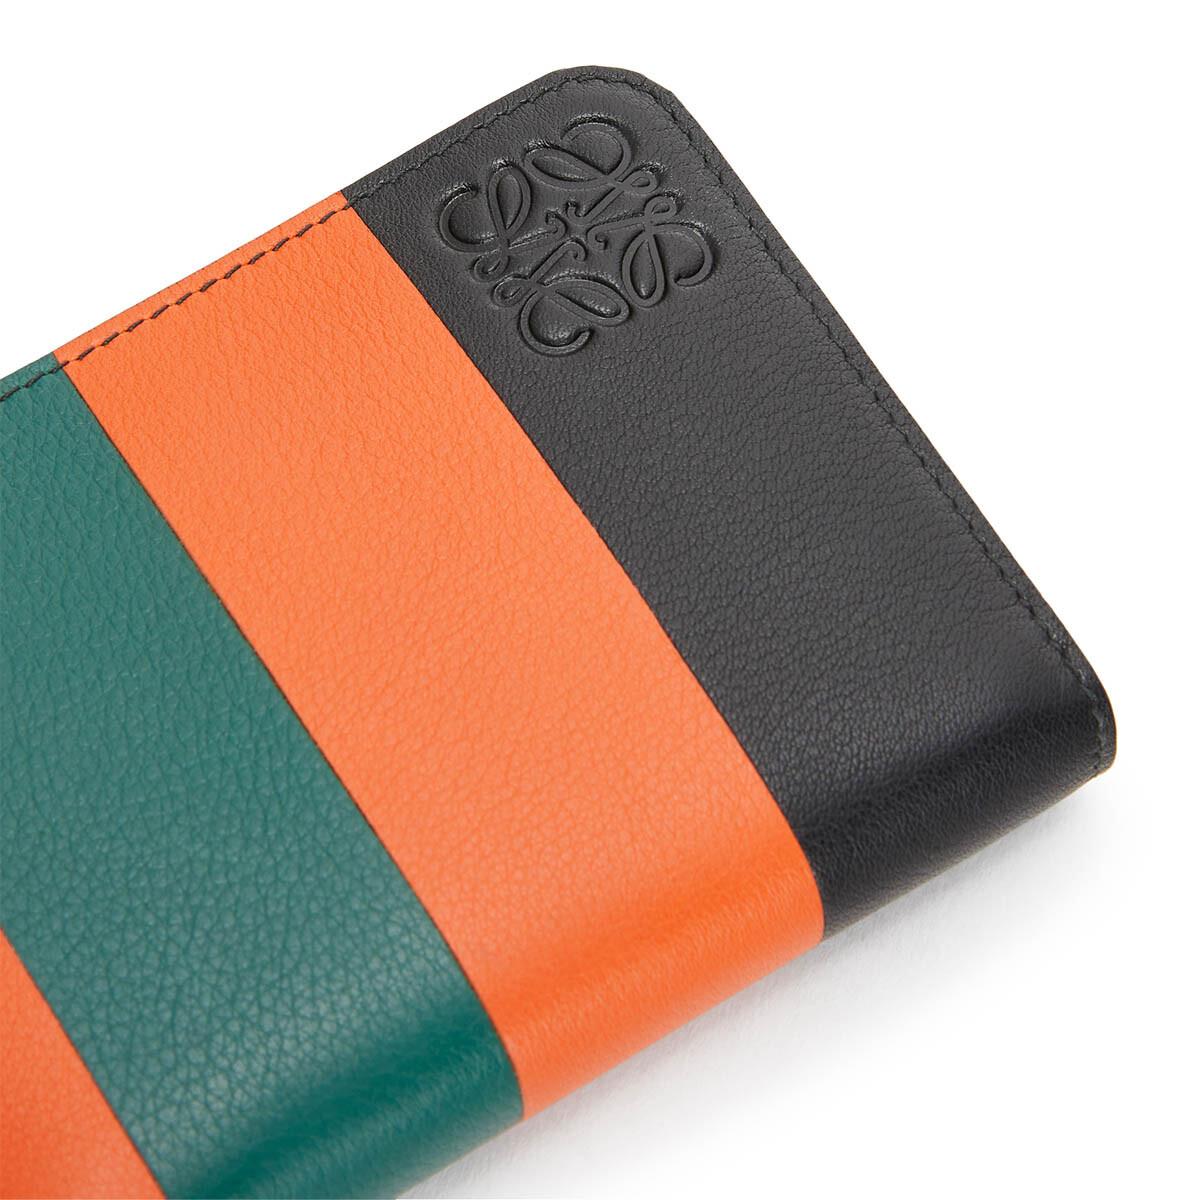 LOEWE Stripes 6 Card Holder オレンジ/グリーン front